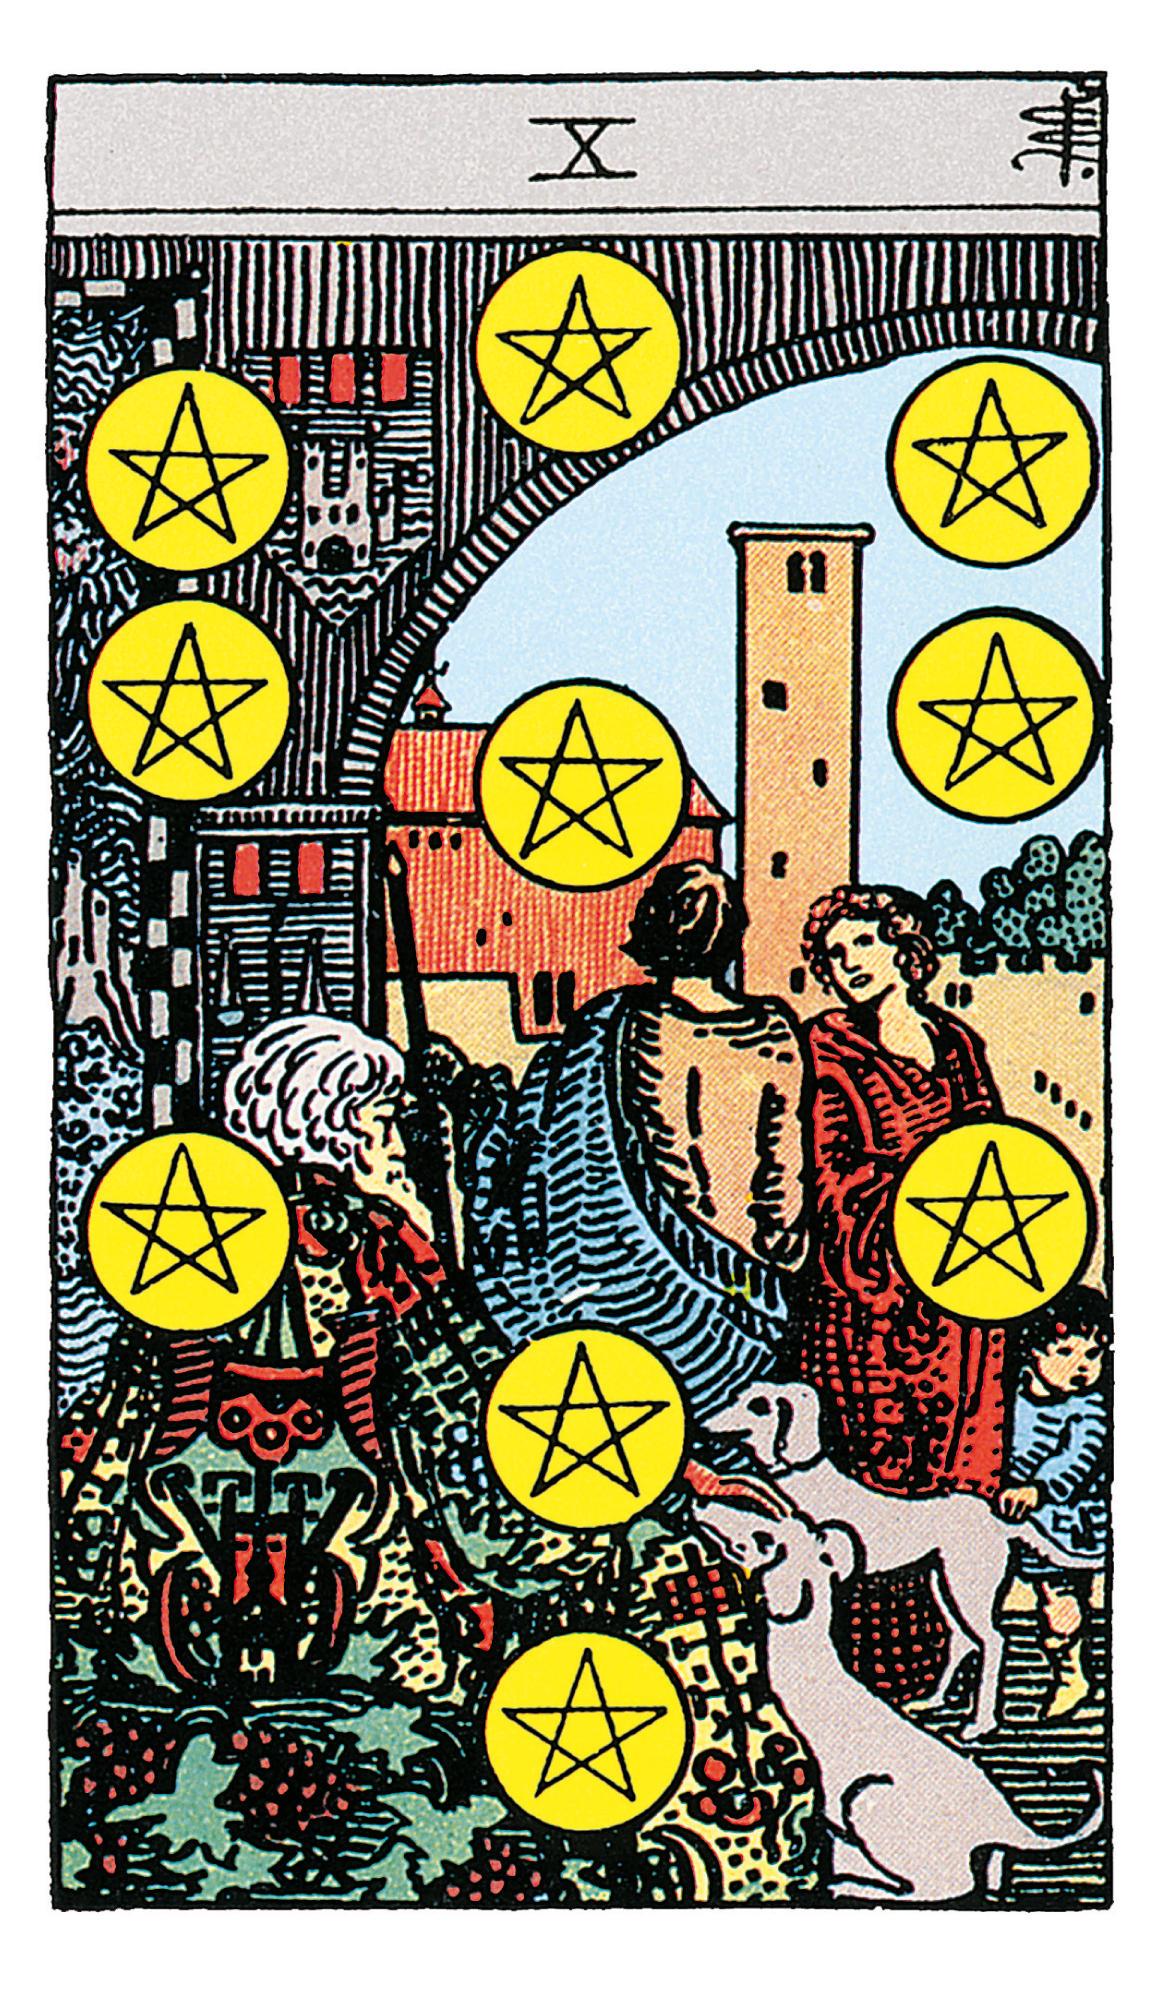 Zehn Der Münzen Deine Tarotkarte Brigittede